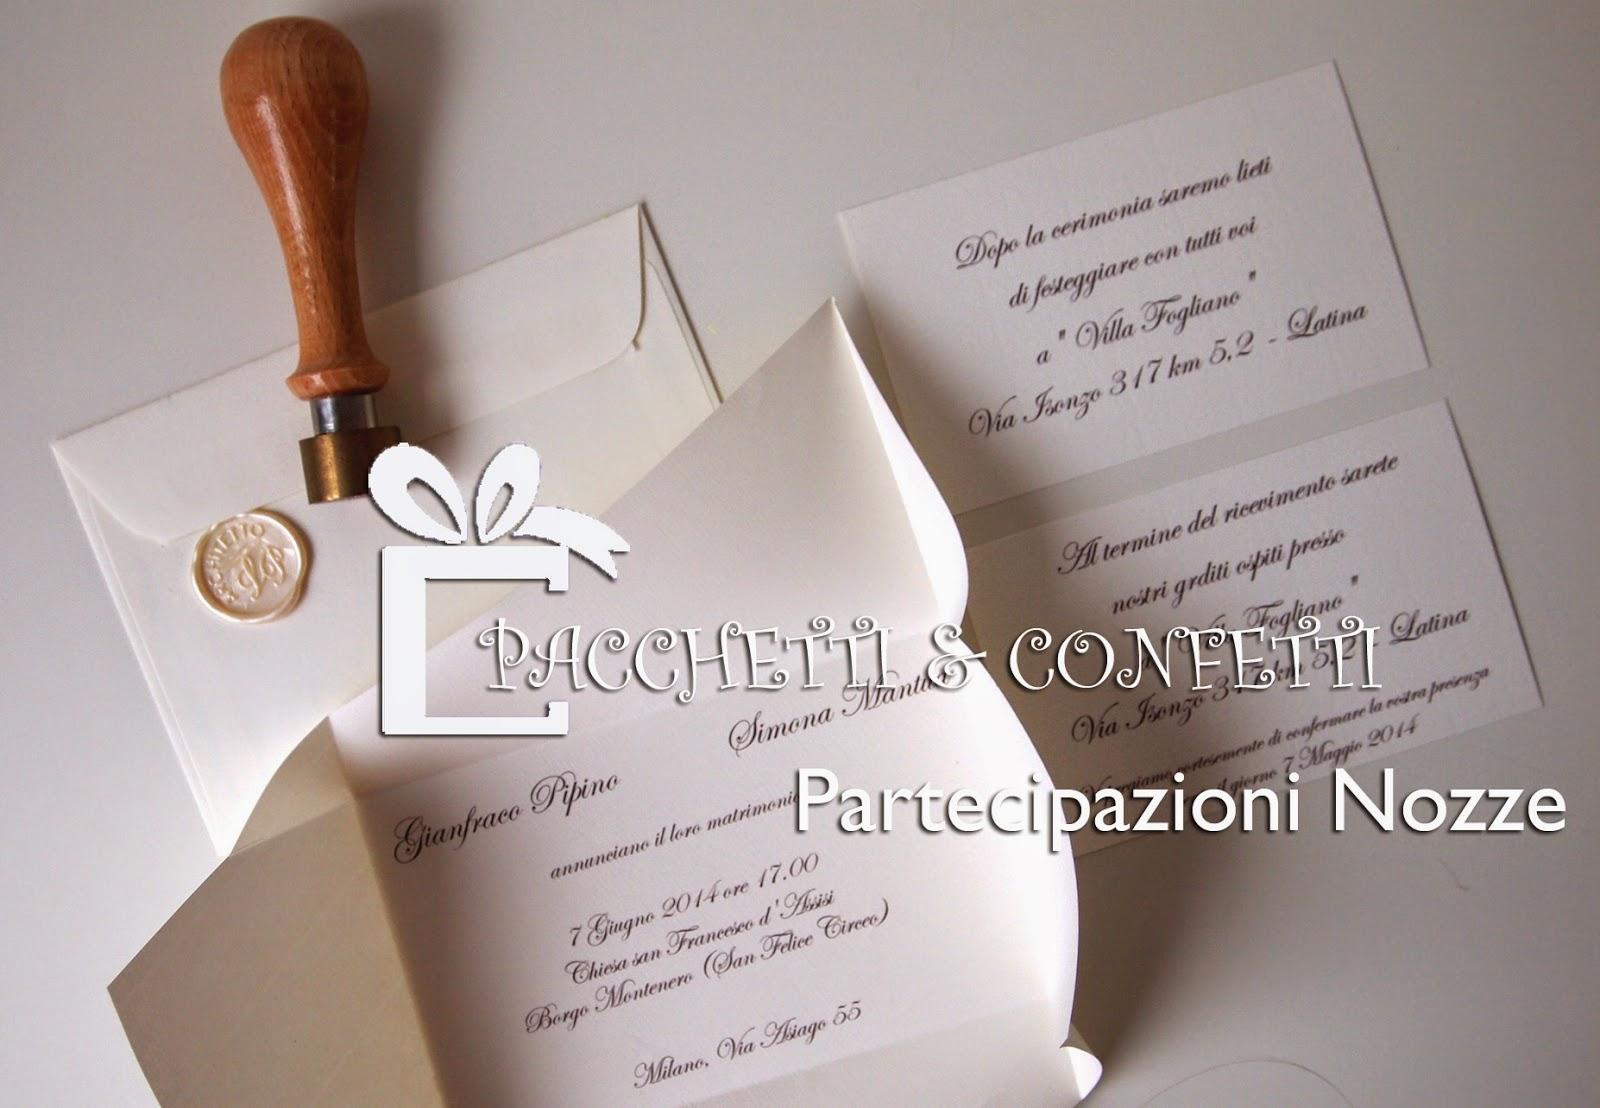 abbastanza Pacchetti e Confetti: Wedding Shop ER44